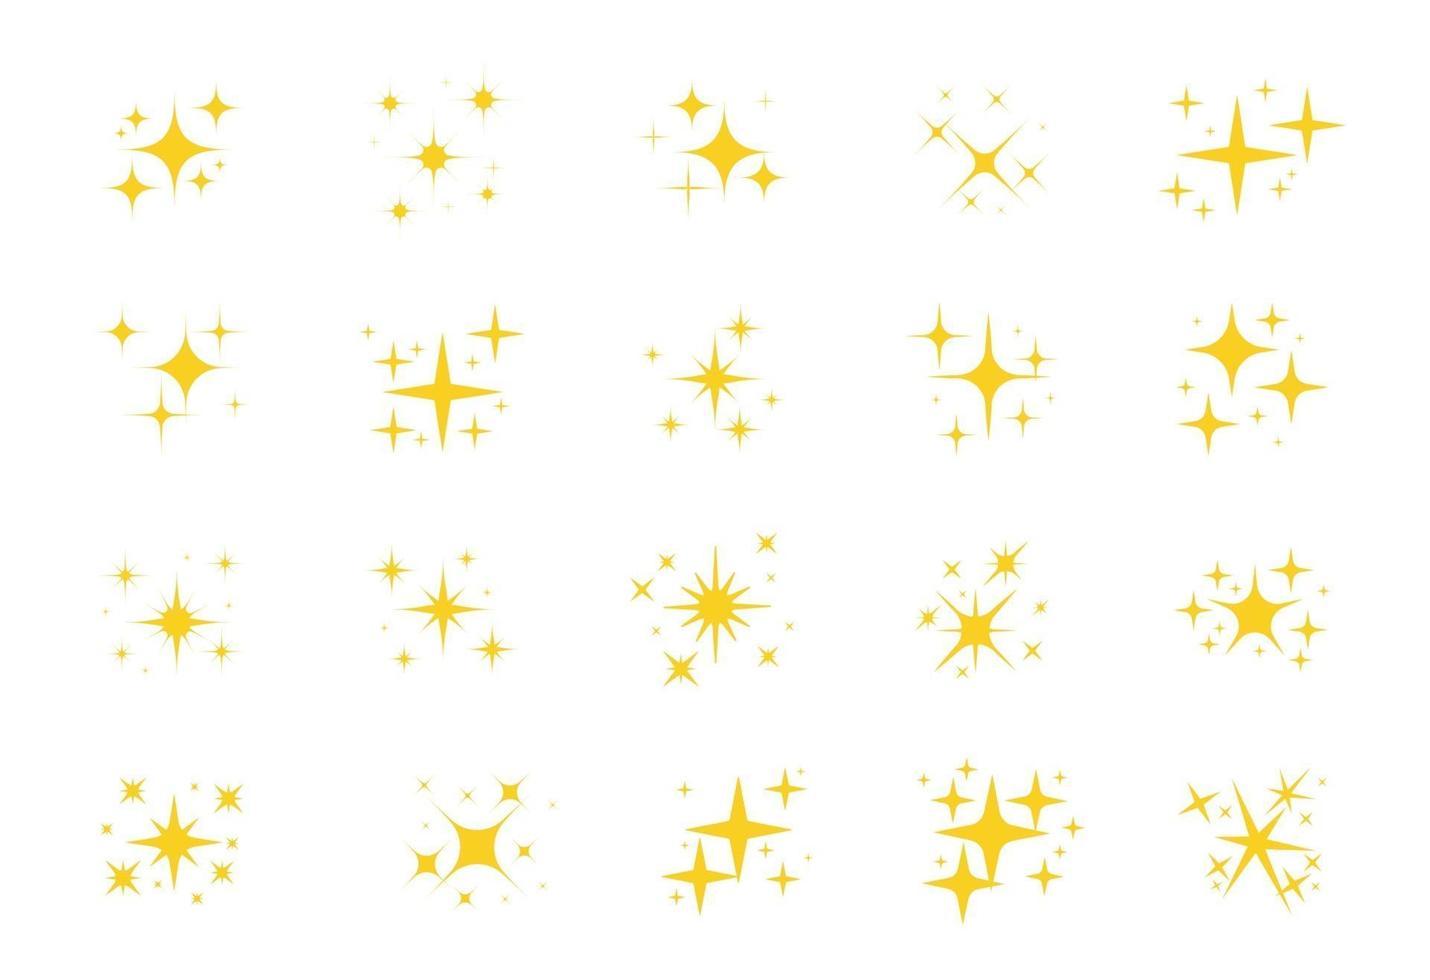 étoiles scintillantes. une étoile jaune scintillante et un élément scintillant sur fond blanc. vecteur